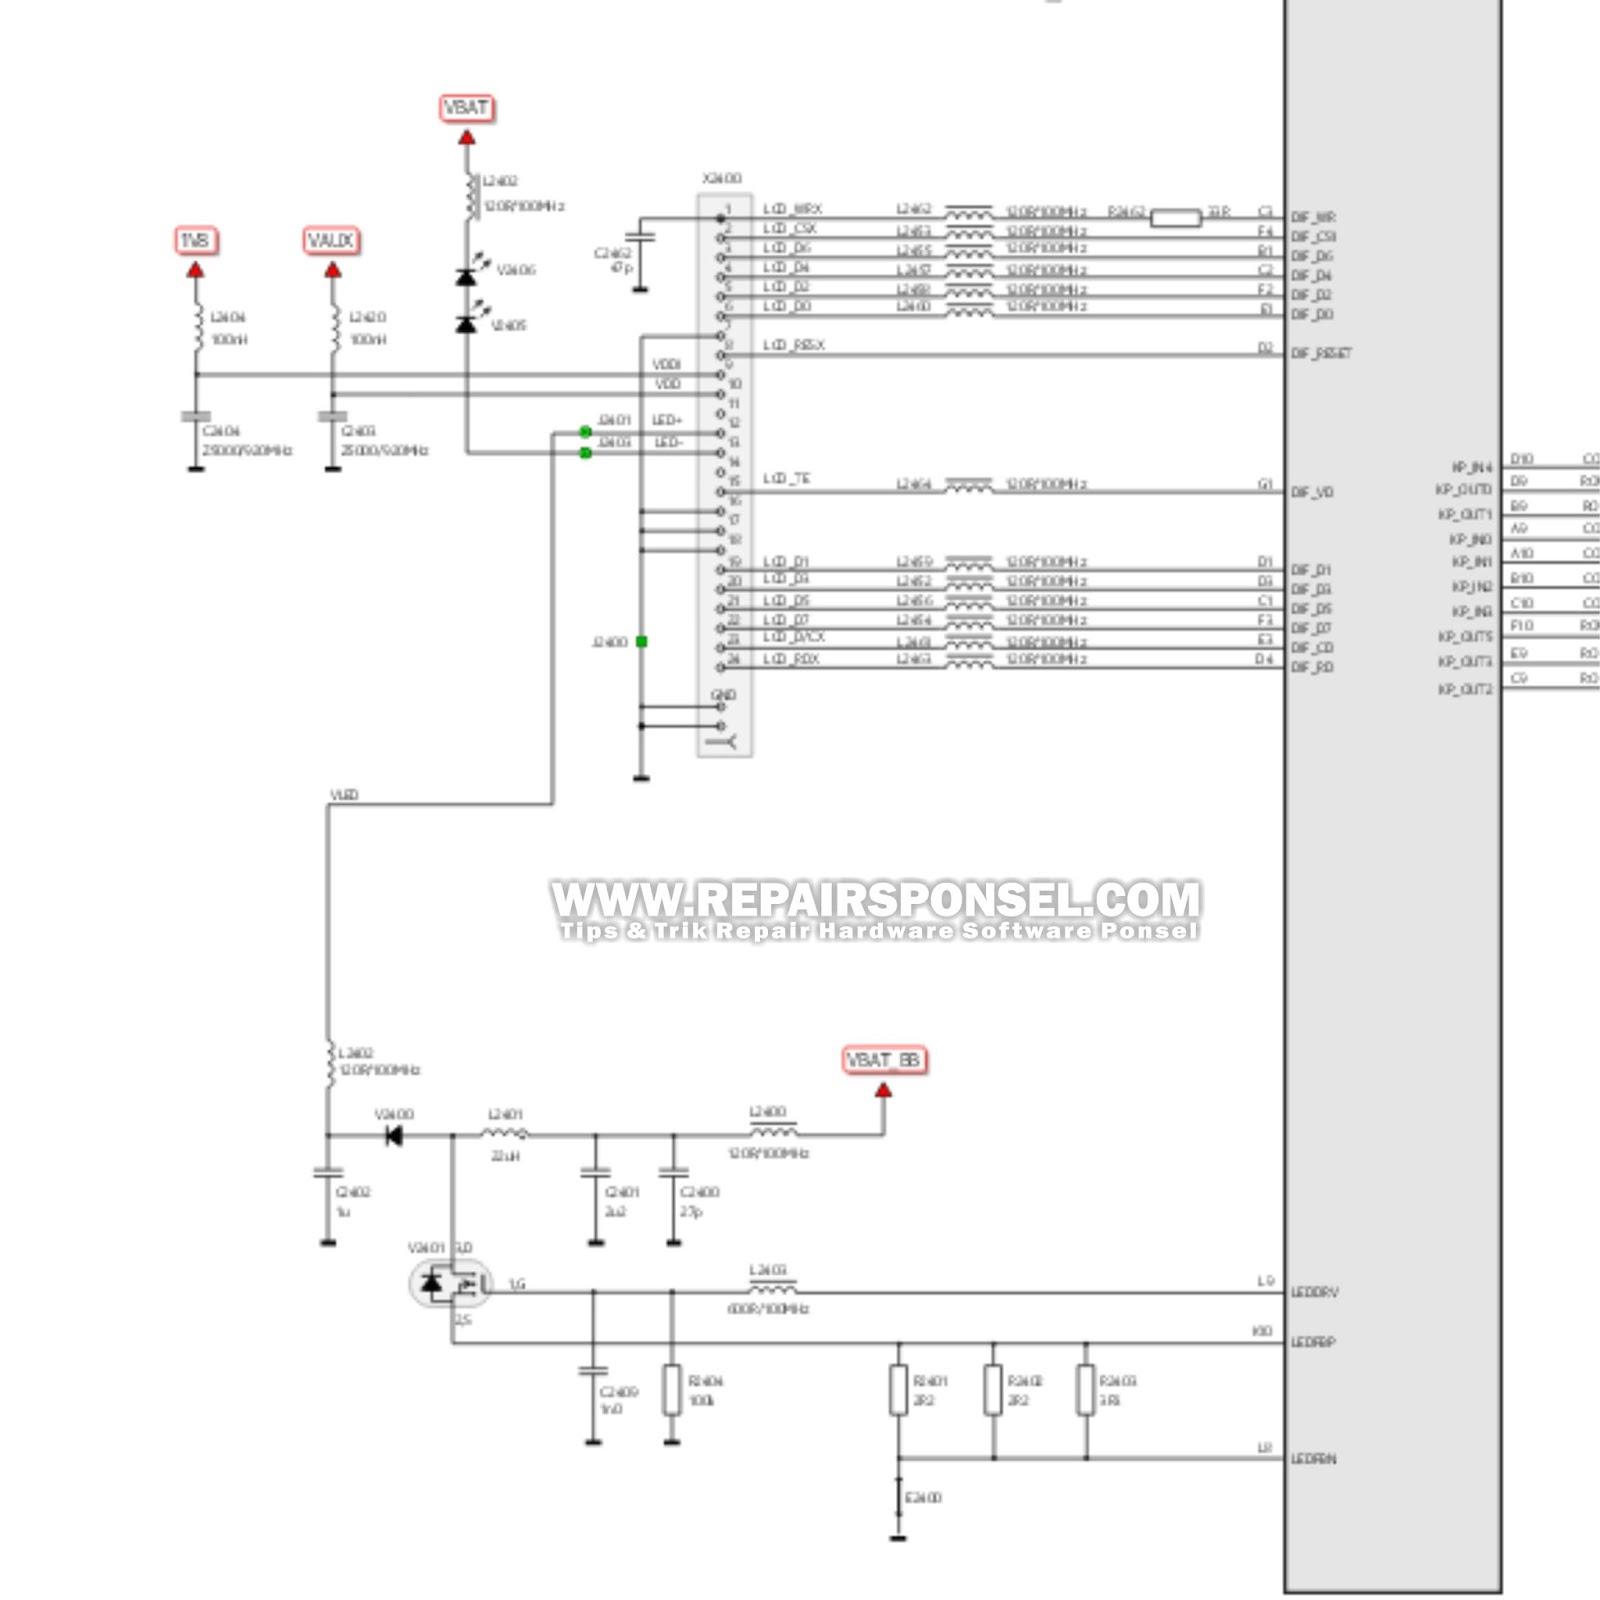 schematic diagram nokia x2 02 best wiring libraryschematic diagram nokia x2  02